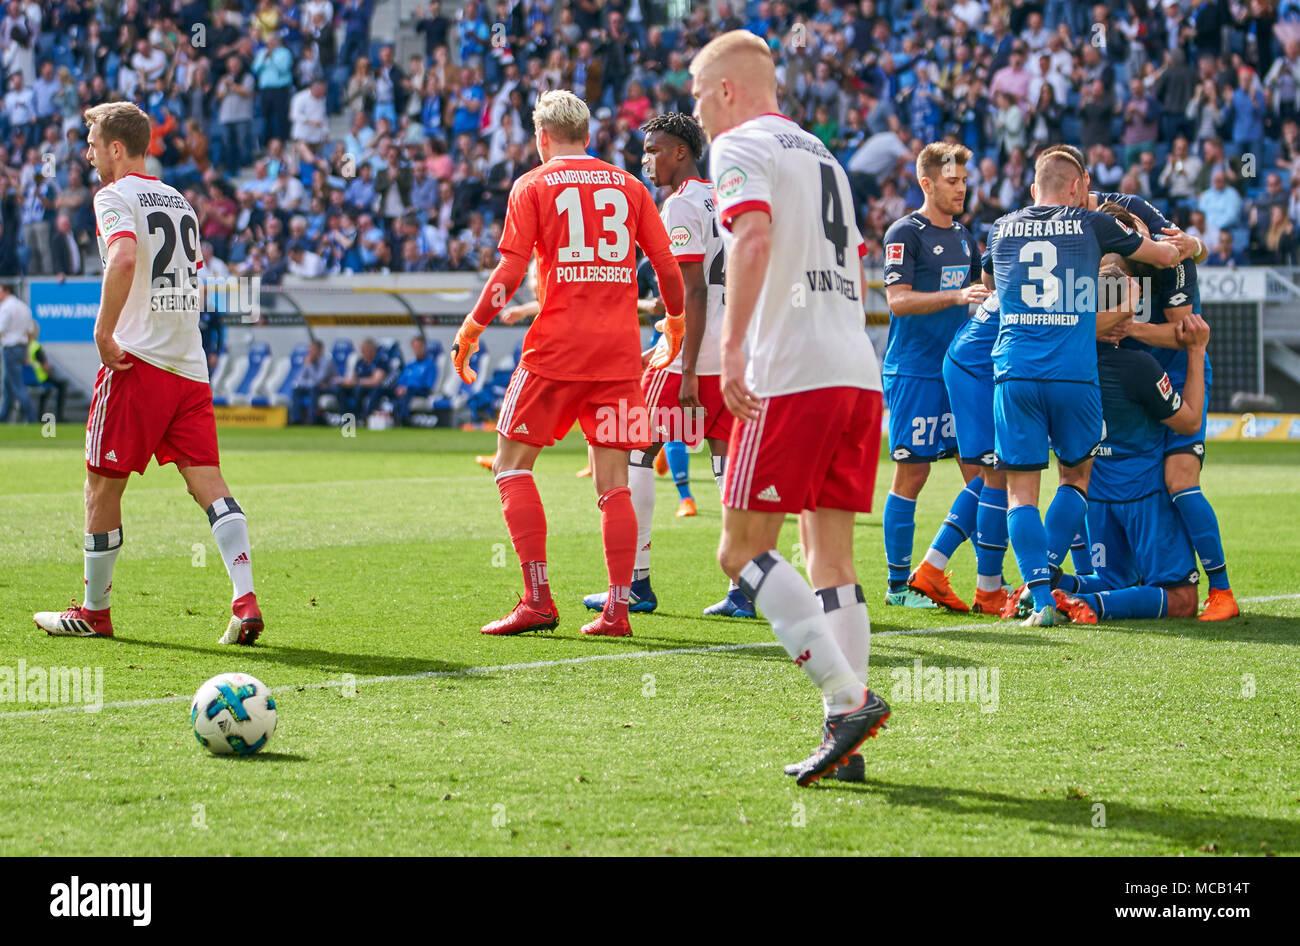 Hoffenheim-Hamburg Soccer, Hoffenheim, April 14, 2018 Adam SZALAI, Hoff 28    celebrates his goal 2-0 with Matti Ville STEINMANN, HSV 29 Julian POLLERSBECK, HSV 13  Rick VAN DRONGELEN, HSV 4 Gideon JUNG, HSV 28 TSG 1899 Hoffenheim - Hamburger SV 2-0 1.Division German Football League, Hoffenheim, April 14, 2018,  Season 2017/2018 © Peter Schatz / Alamy Live News Stock Photo